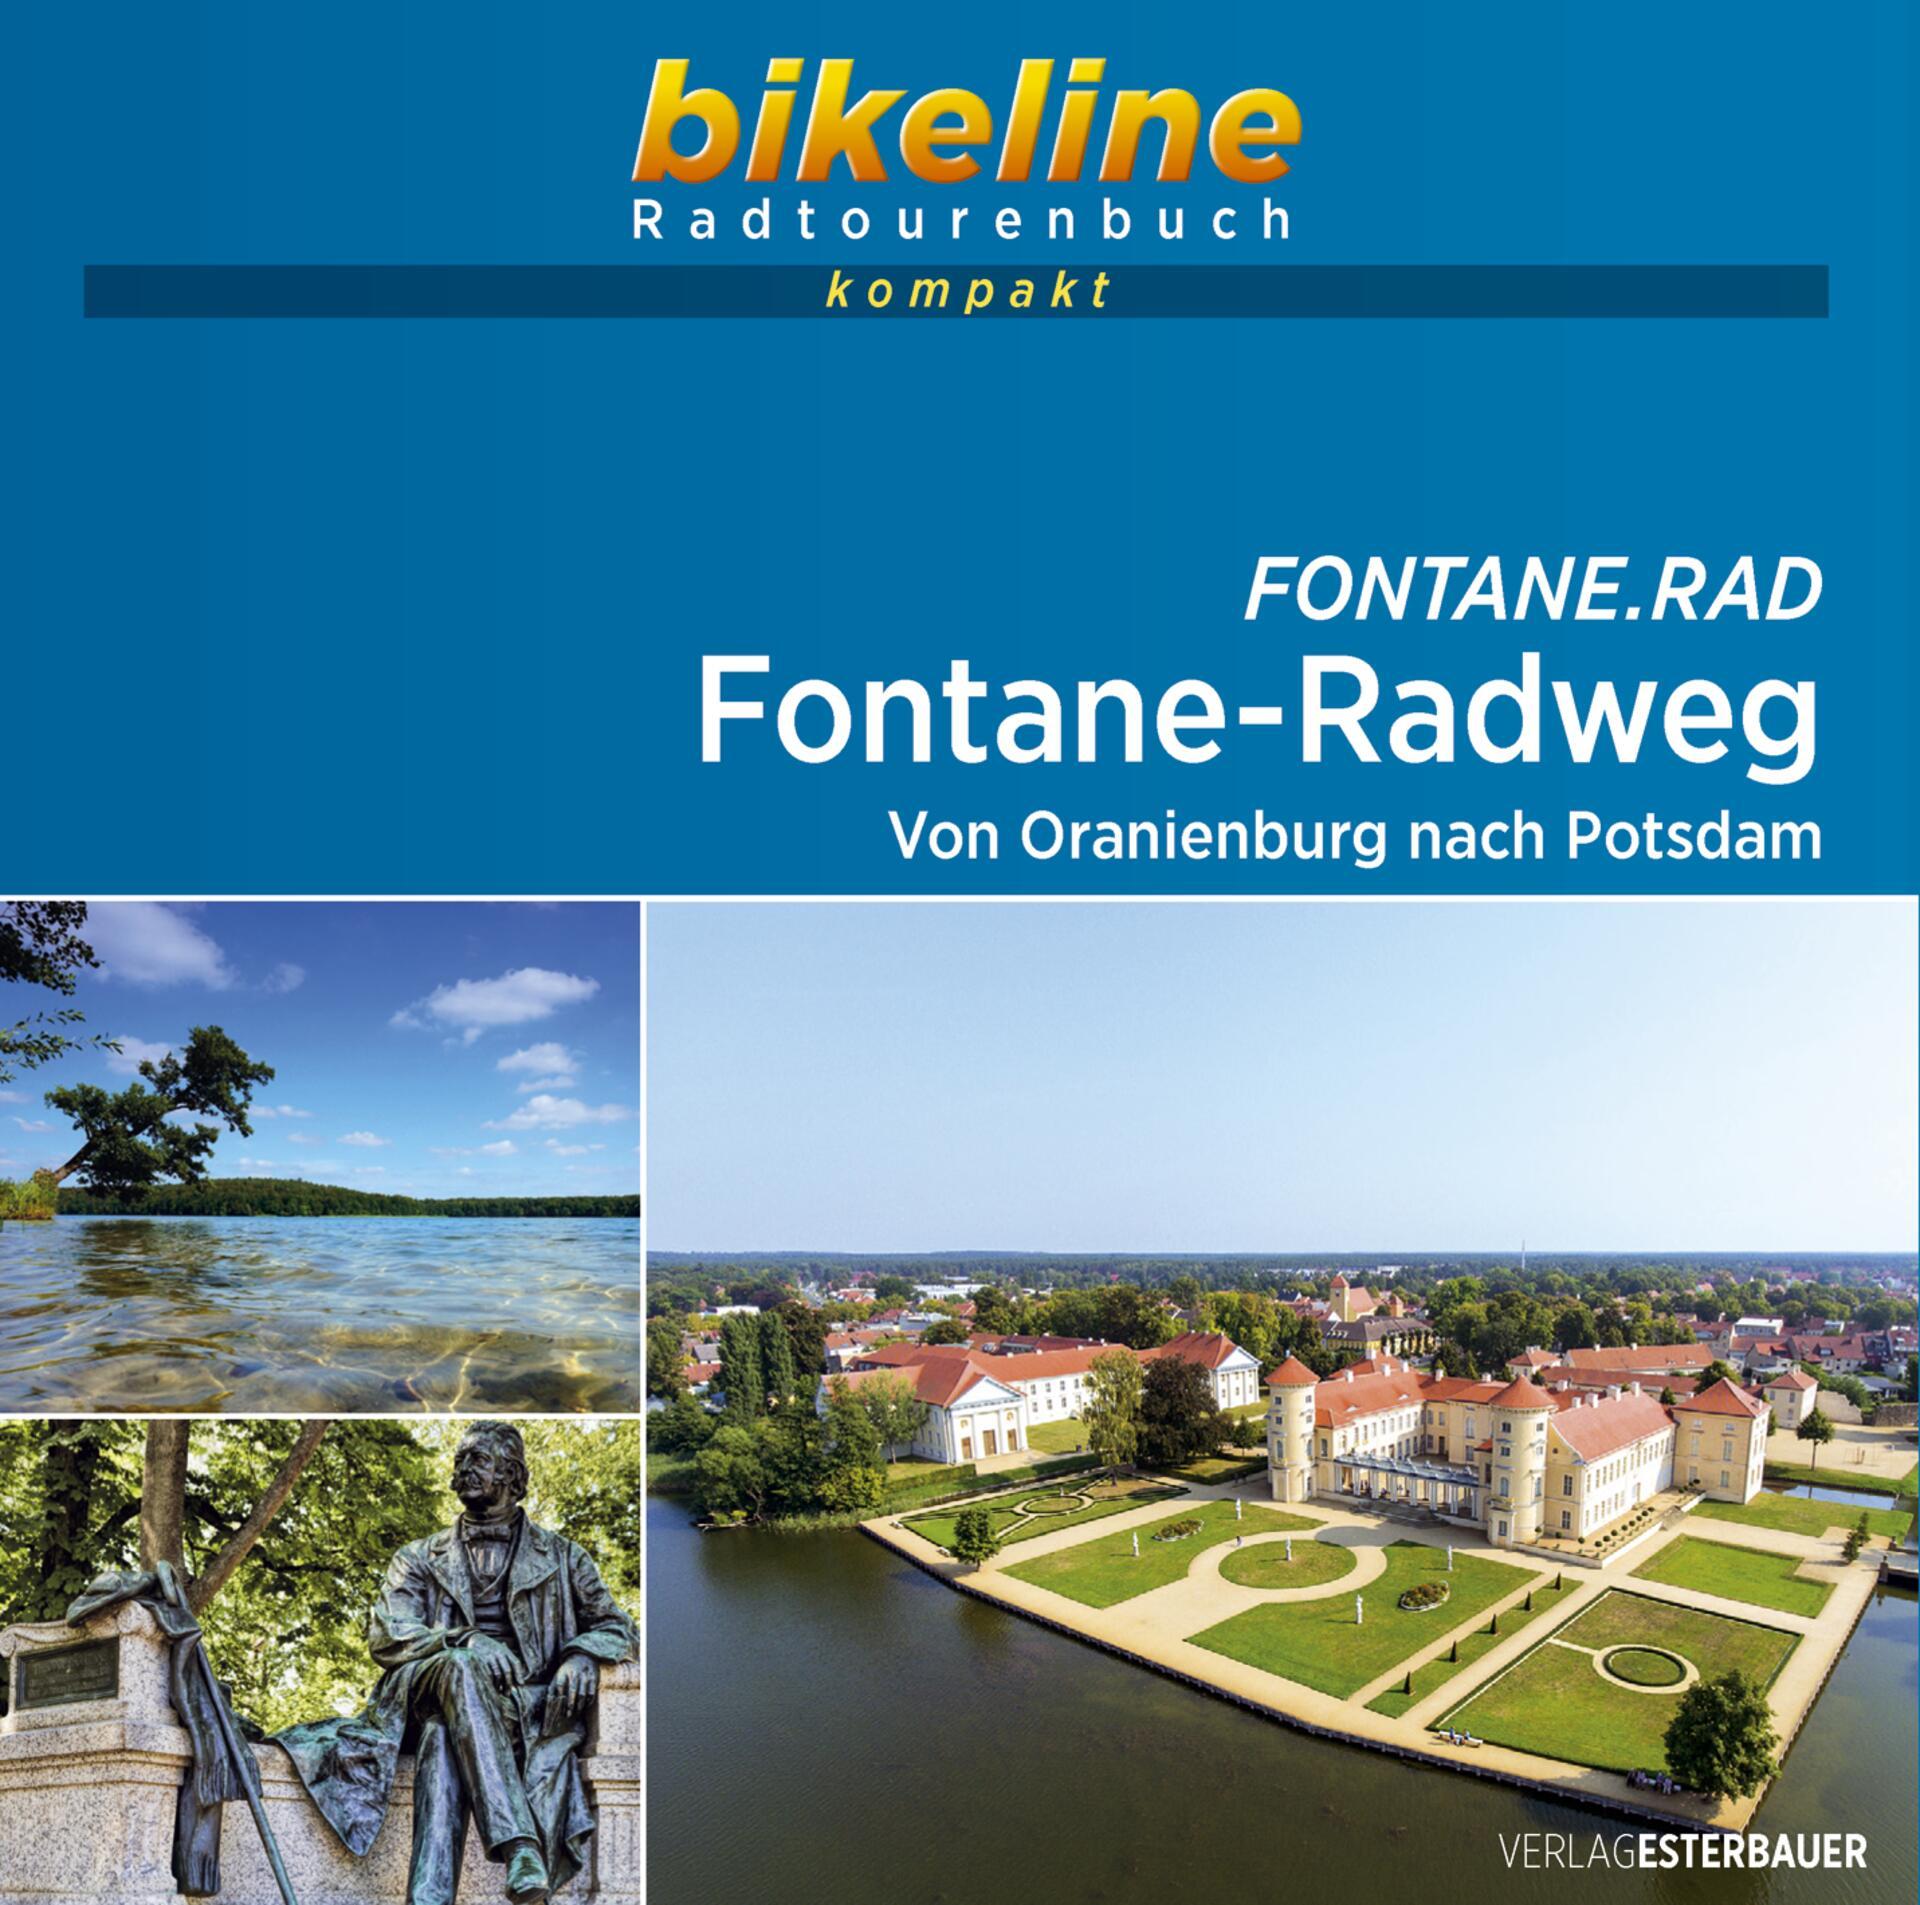 Foto vom FONTANE.RAD Fontane-Radweg